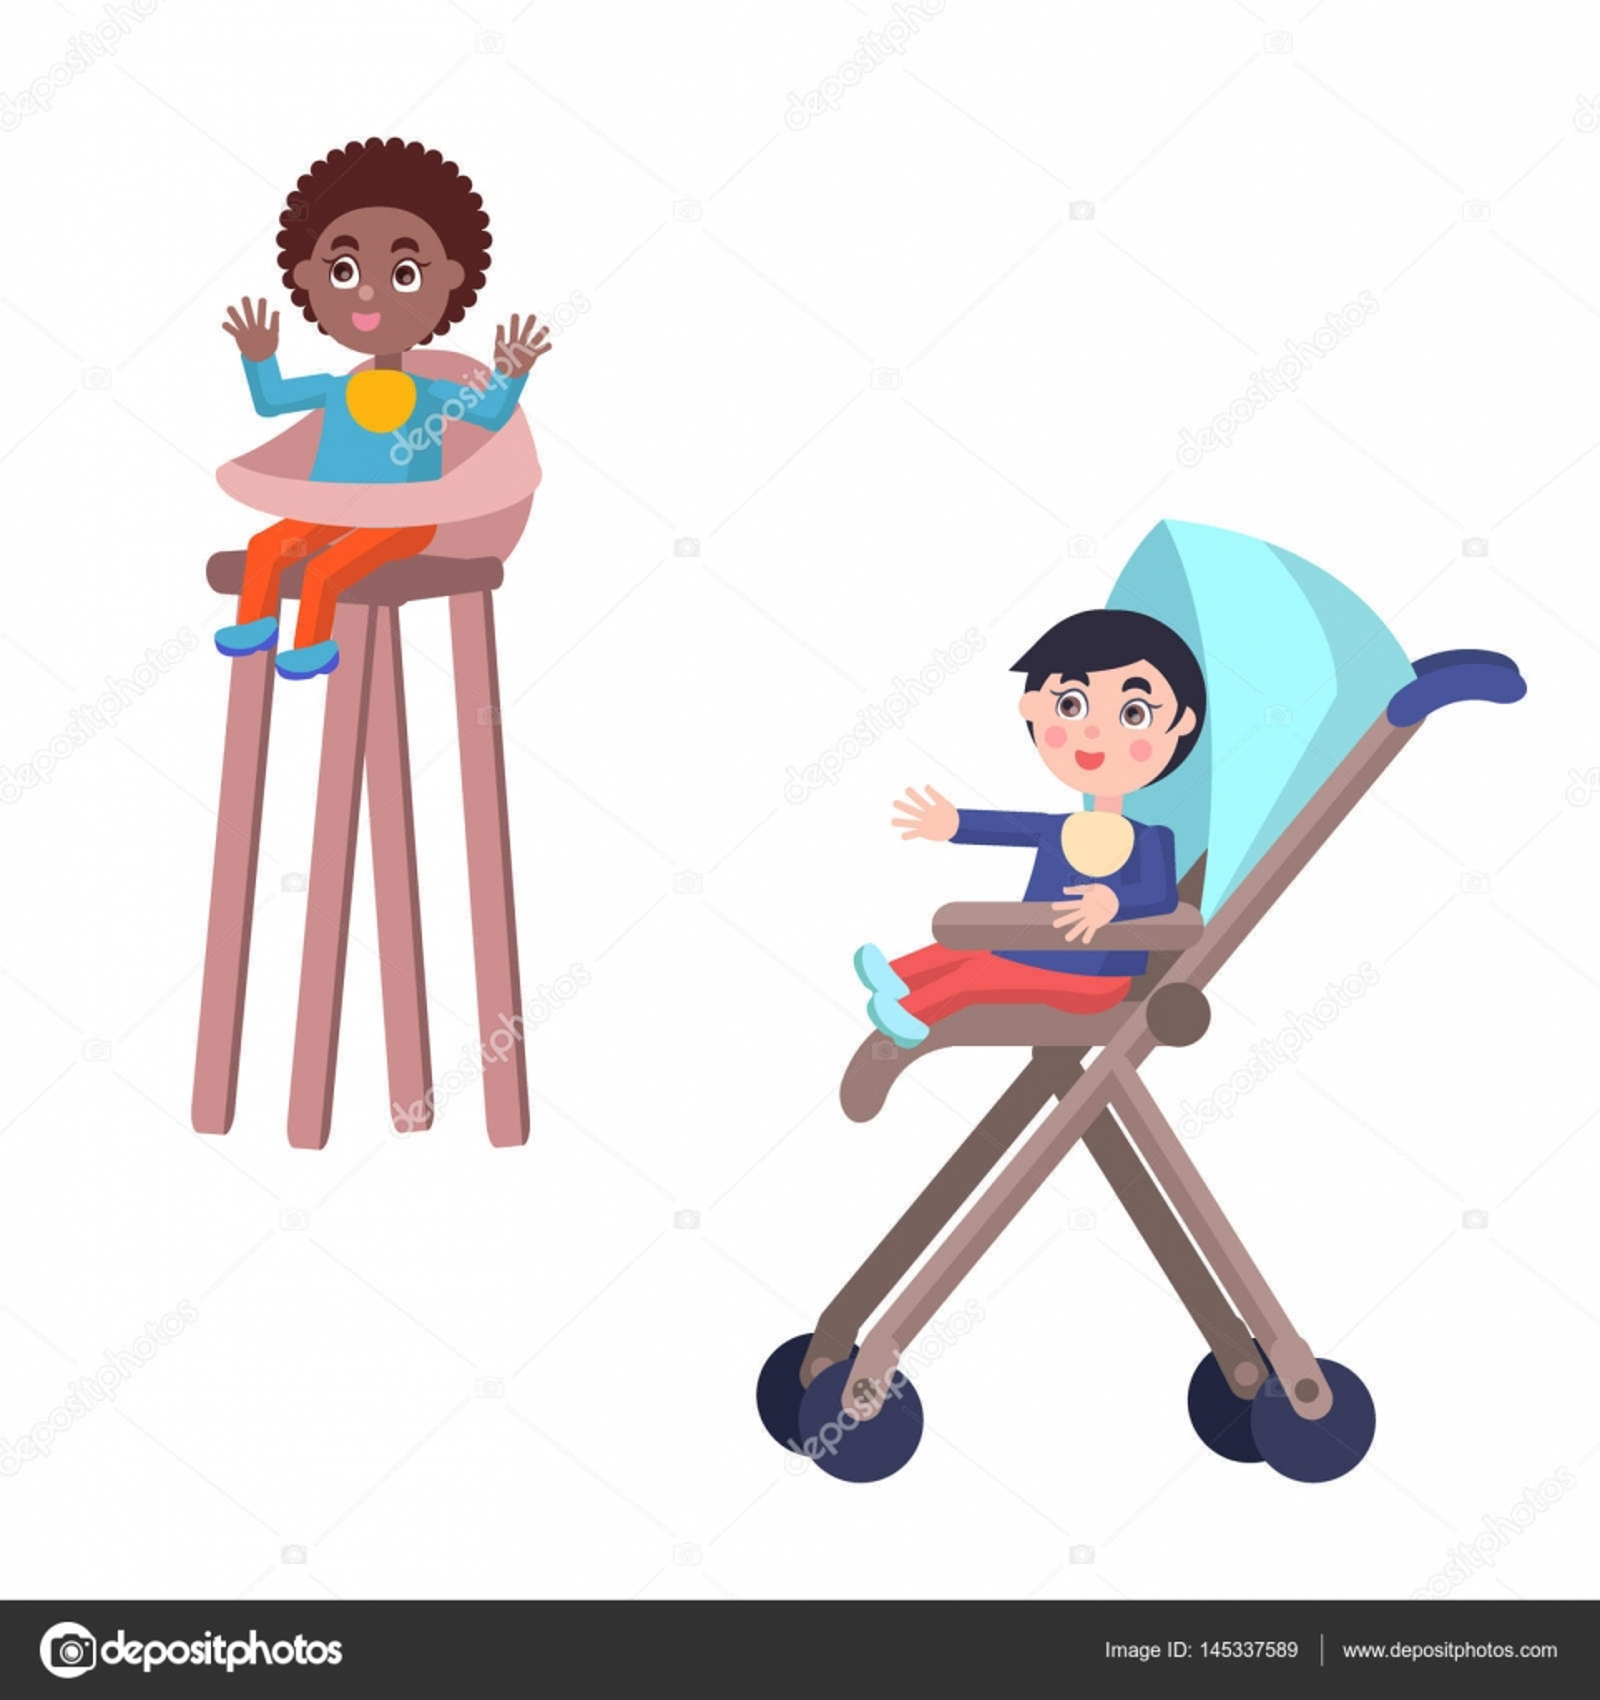 Kinderstoel Voor Peuters.Peuters In De Kinderwagen En Kinderstoel Vectoren Stockvector